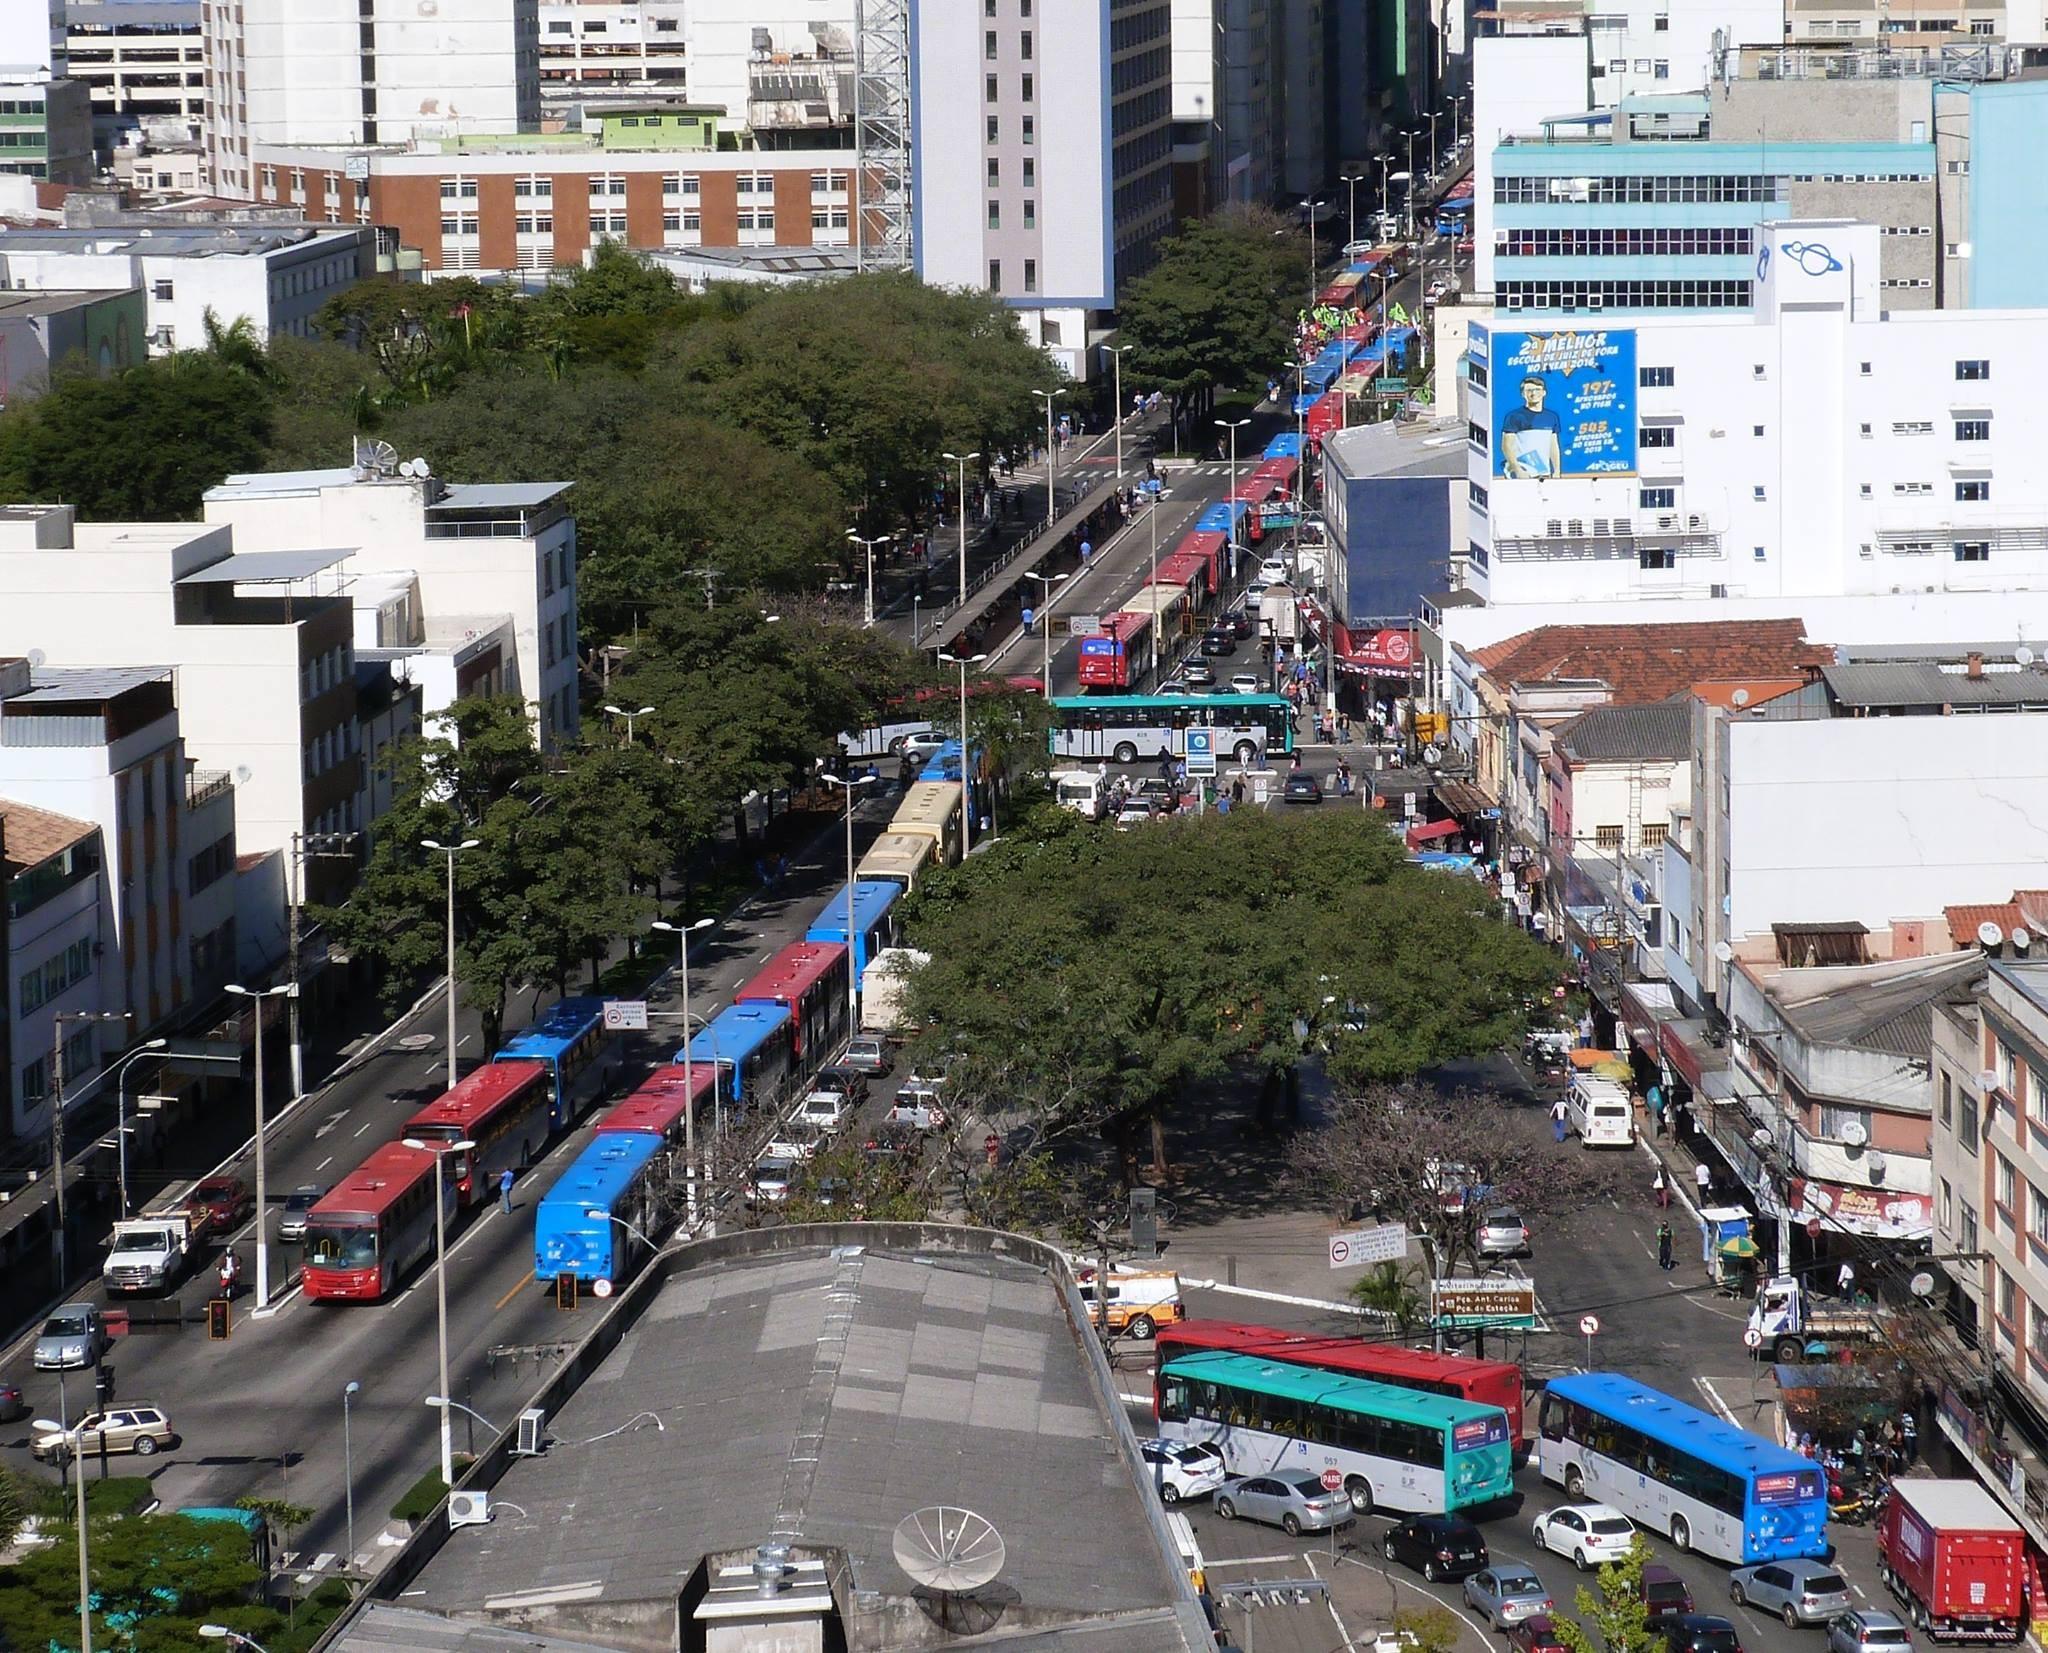 Excesso de velocidade é a infração de trânsito mais cometida em Juiz de Fora  - Notícias - Plantão Diário